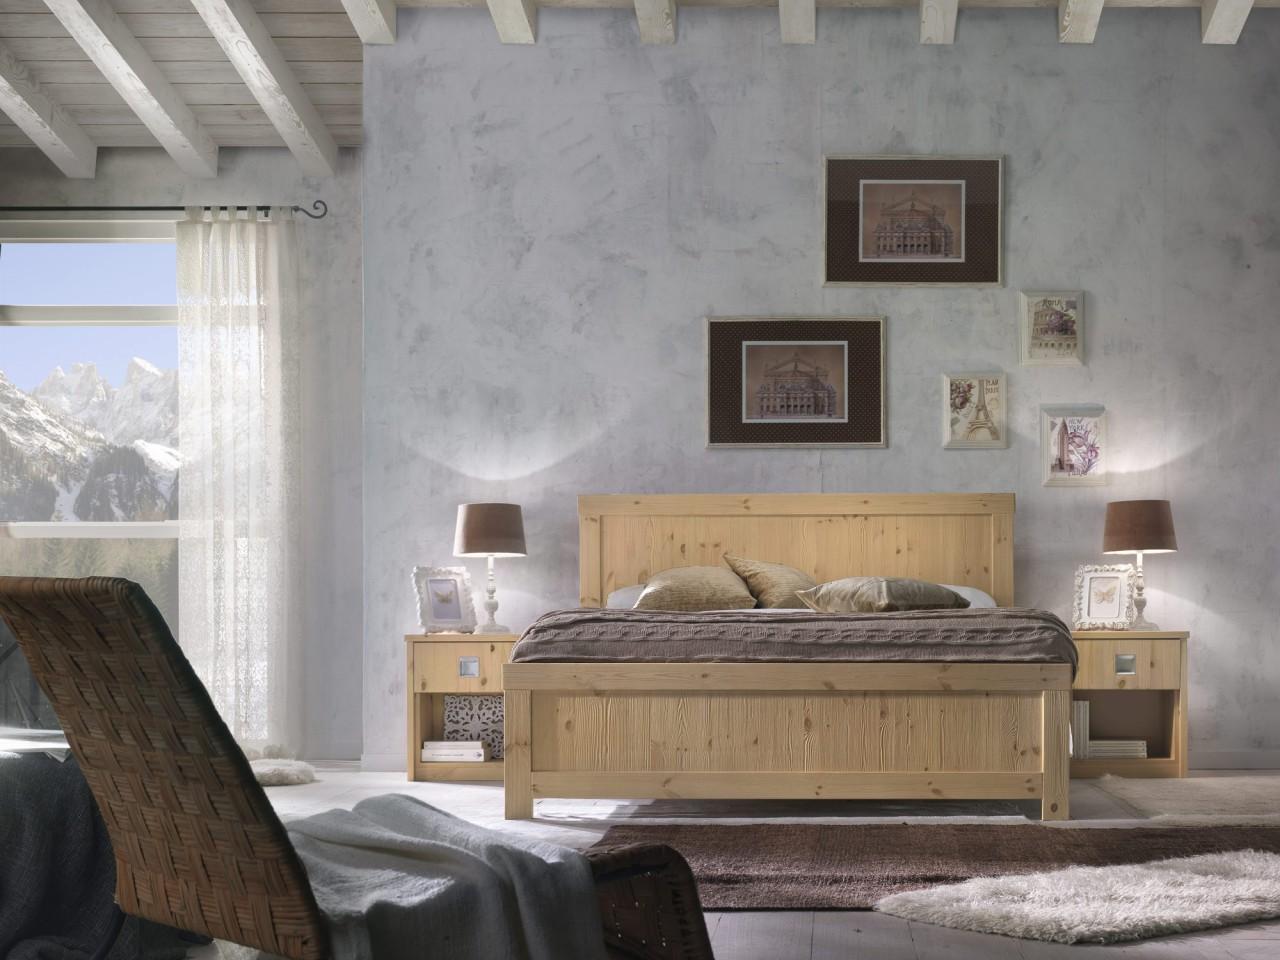 Camere da letto in pino camera milano arredamenti rustici - Camera da letto milano ...